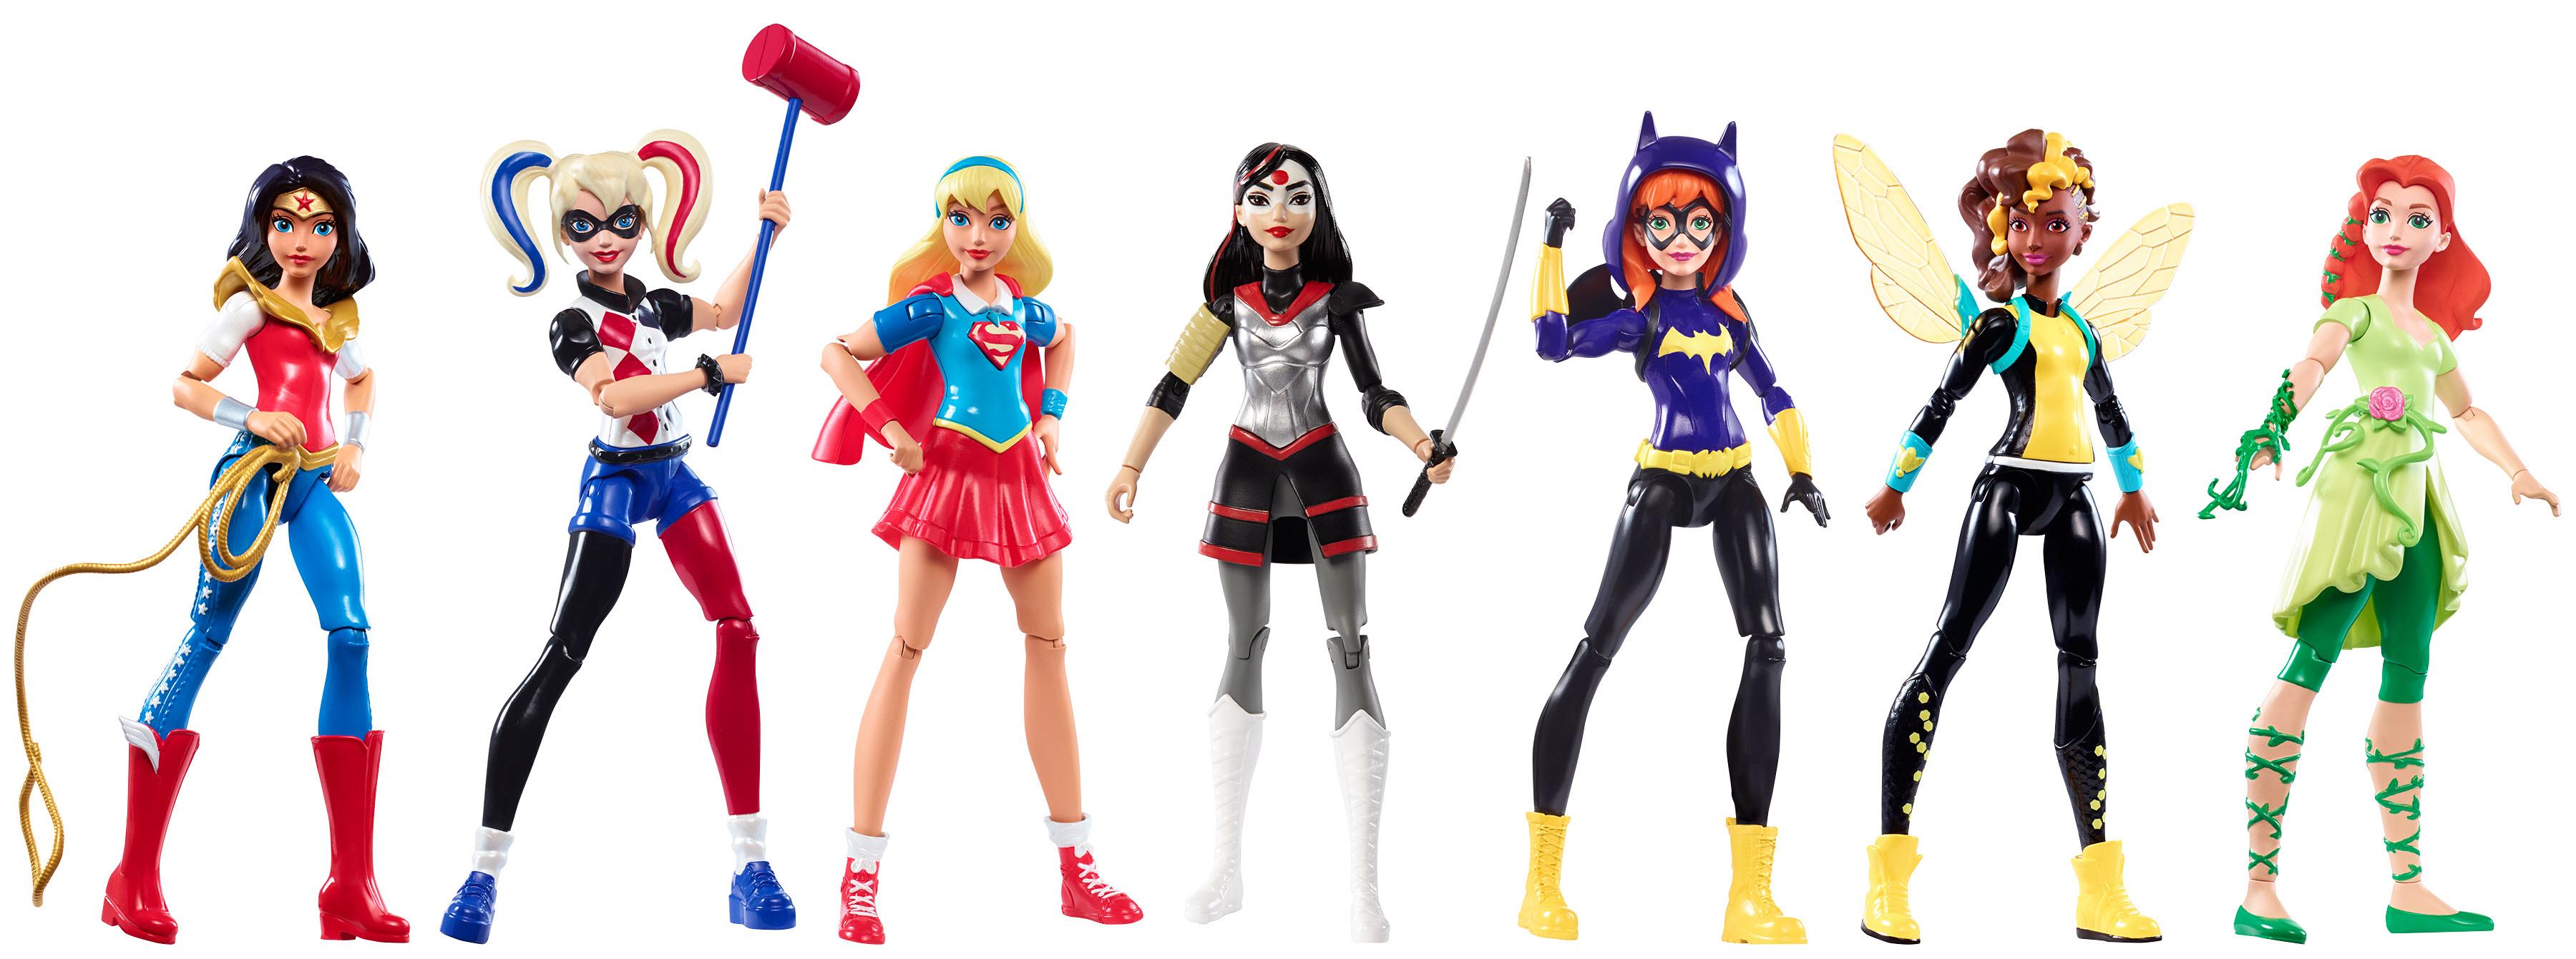 Mattel wygrywa nagrodę zabawka roku za Dc super hero girls™ w kategorii figurka akcji